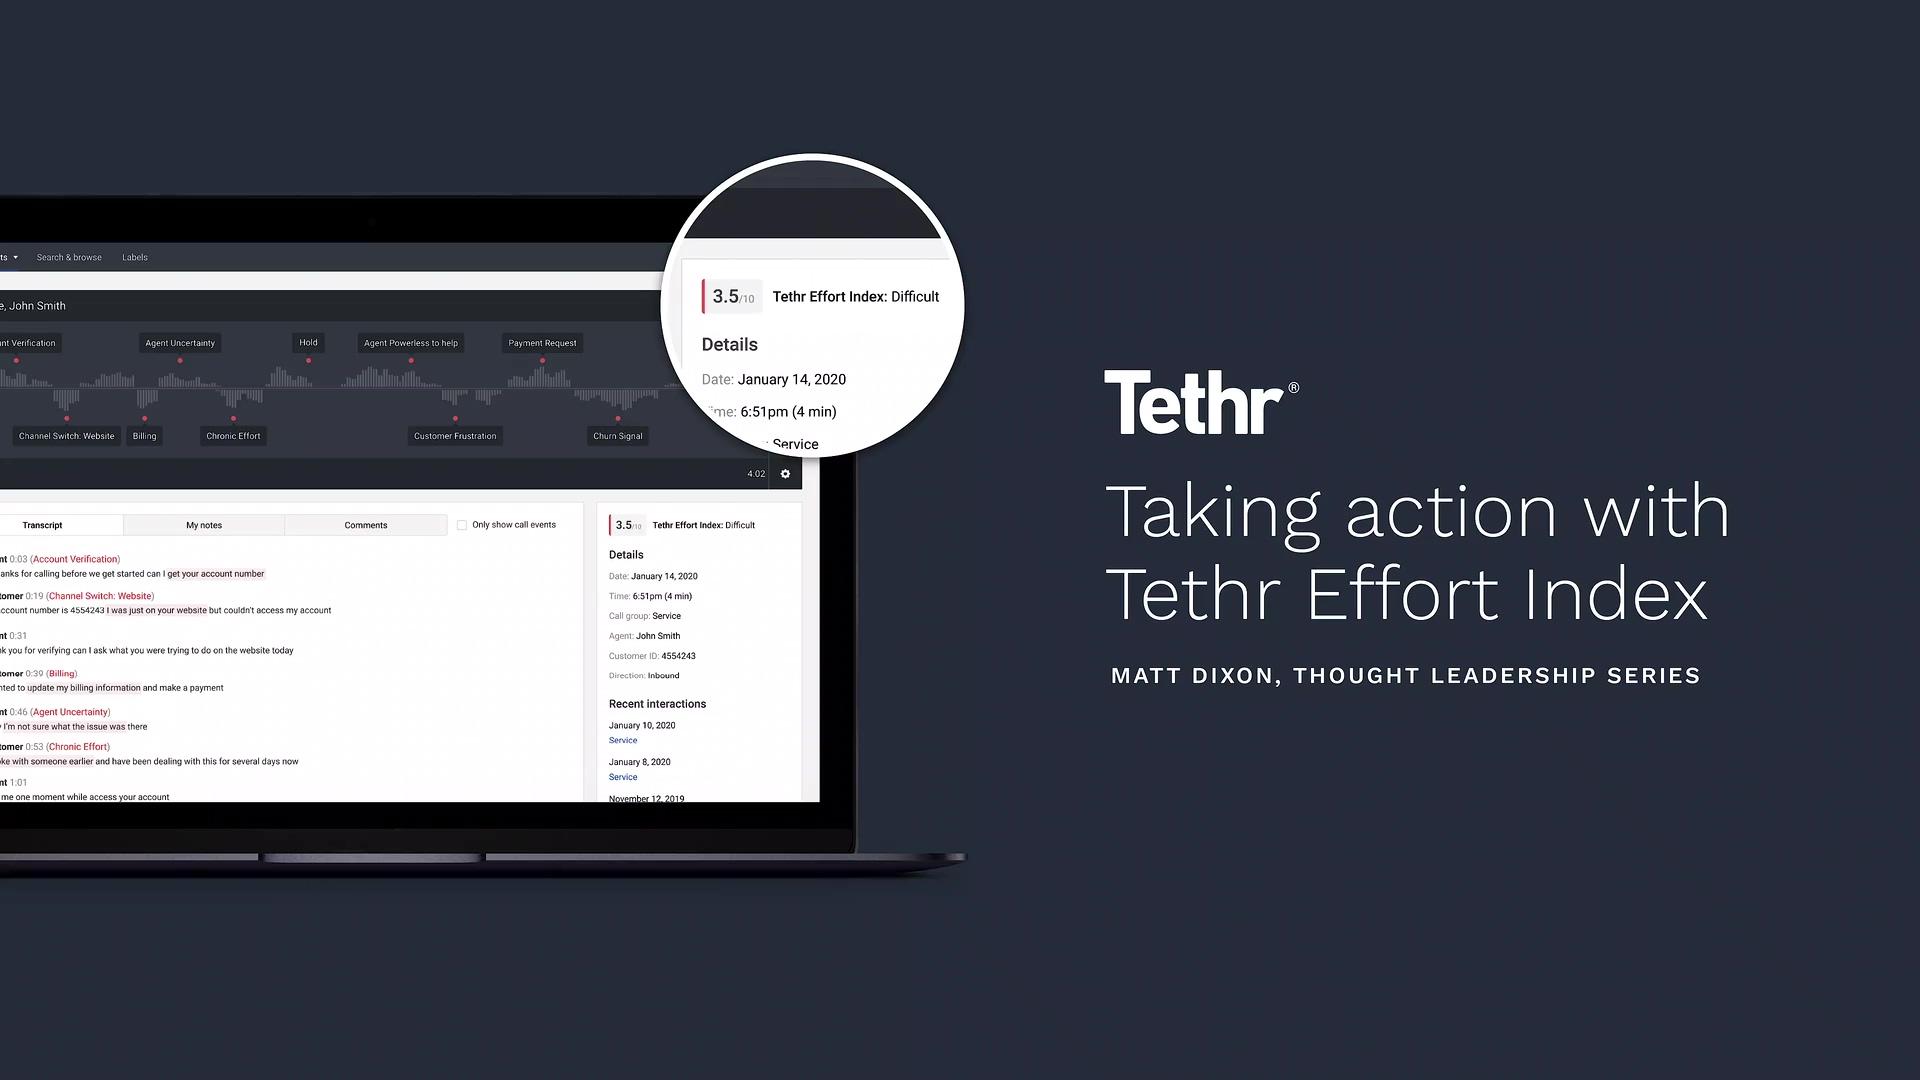 Tethr - Taking action with Tethr Effort Index Video